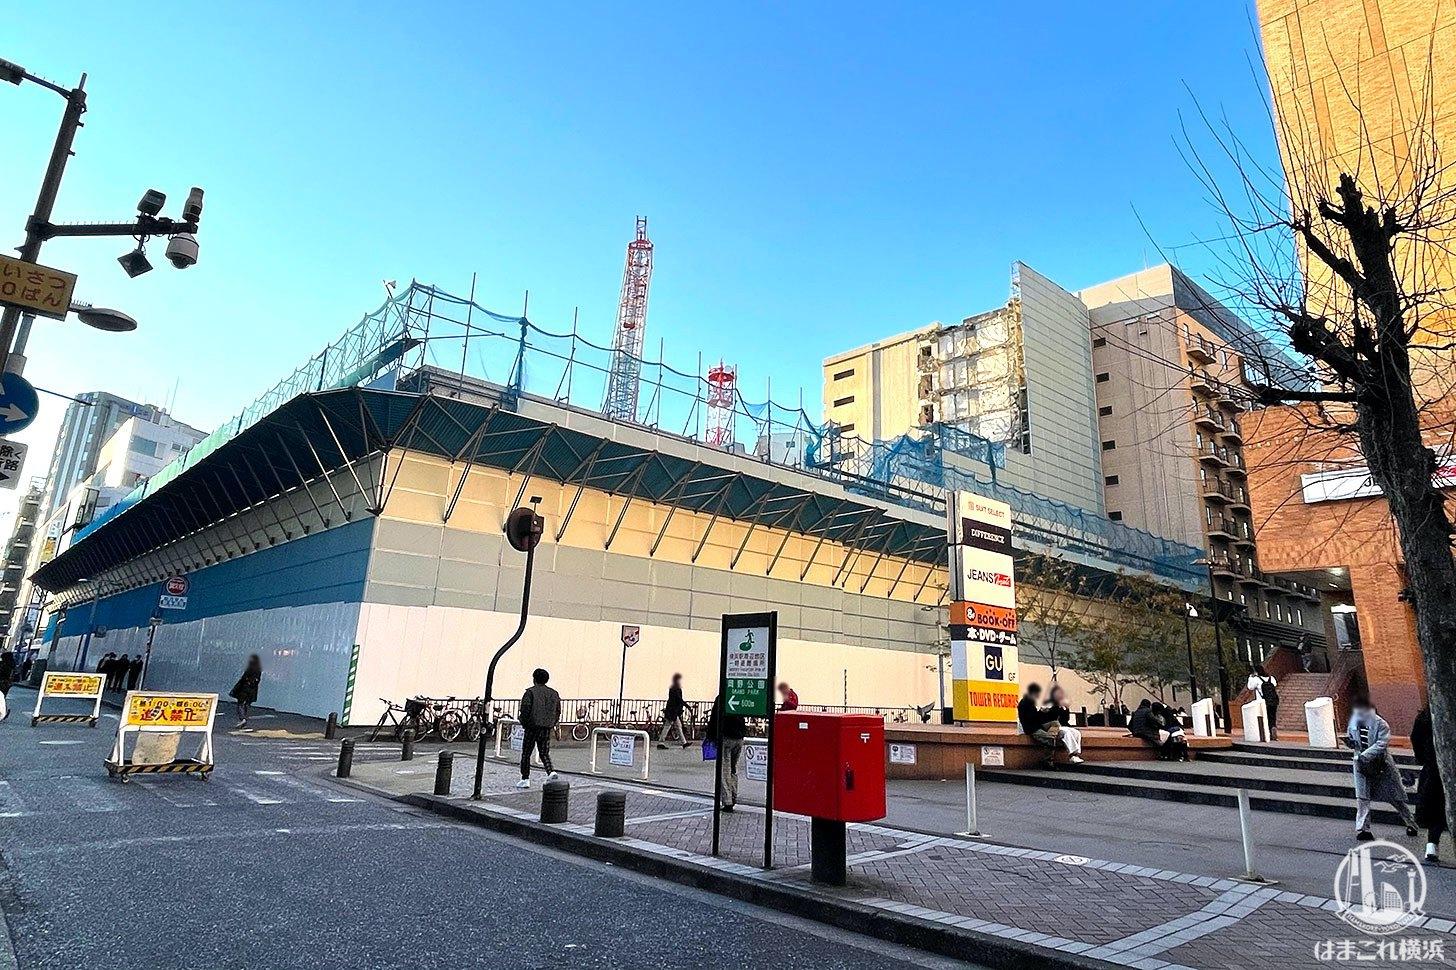 横浜駅西口ダイエー 2021年1月の様子